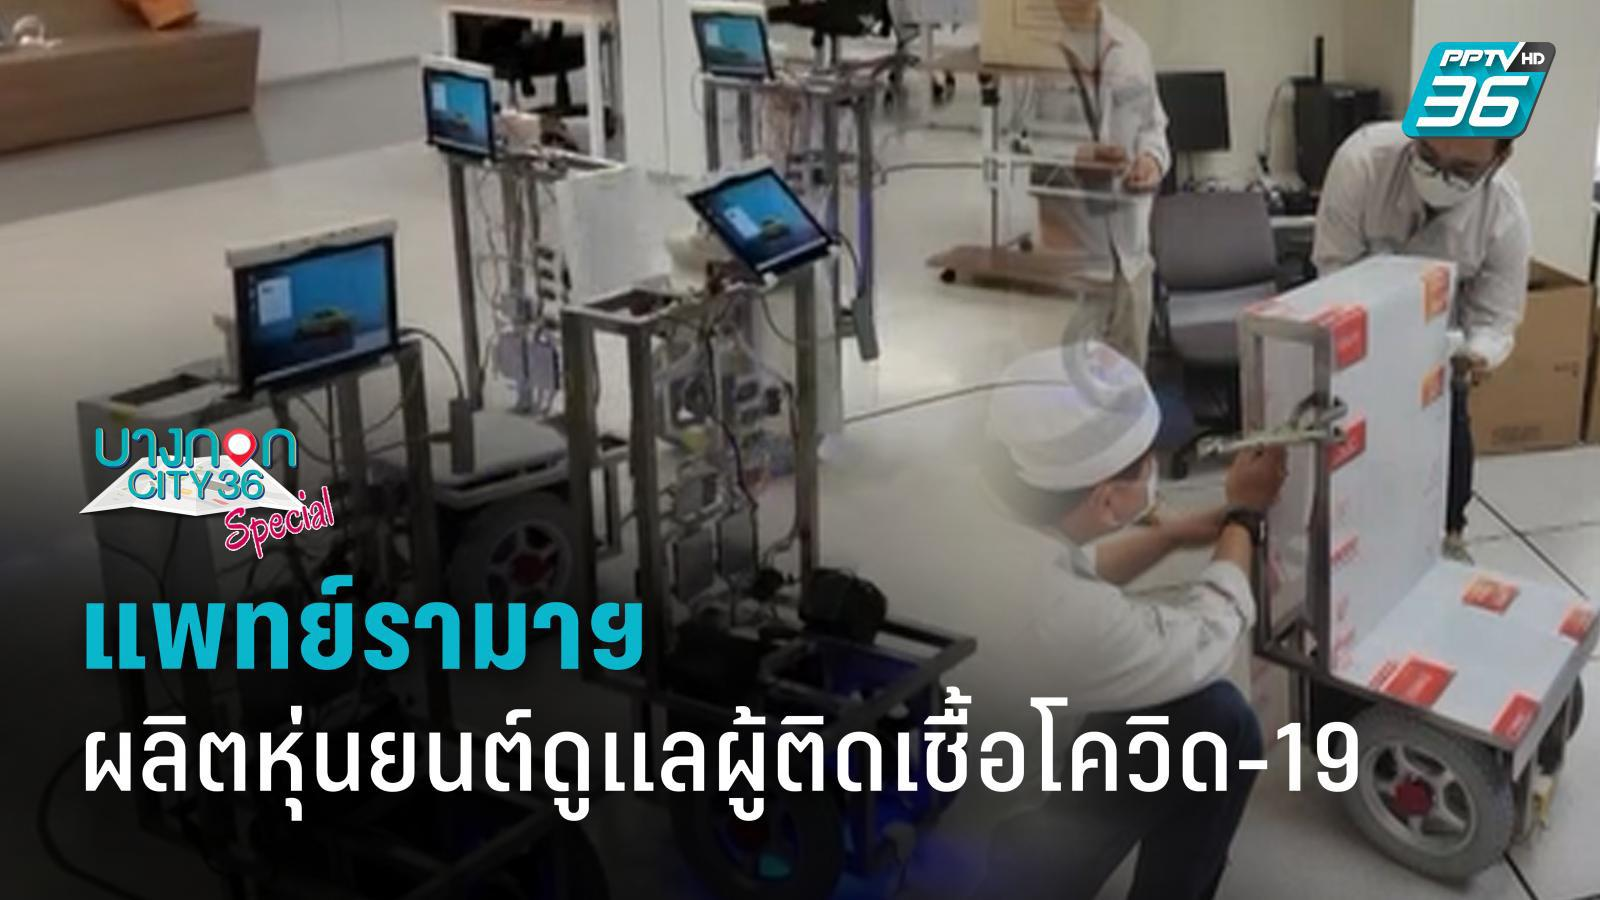 แพทย์รามาฯ  ผลิตหุ่นยนต์อัจฉริยะดูแลผู้ติดเชื้อ โควิด-19